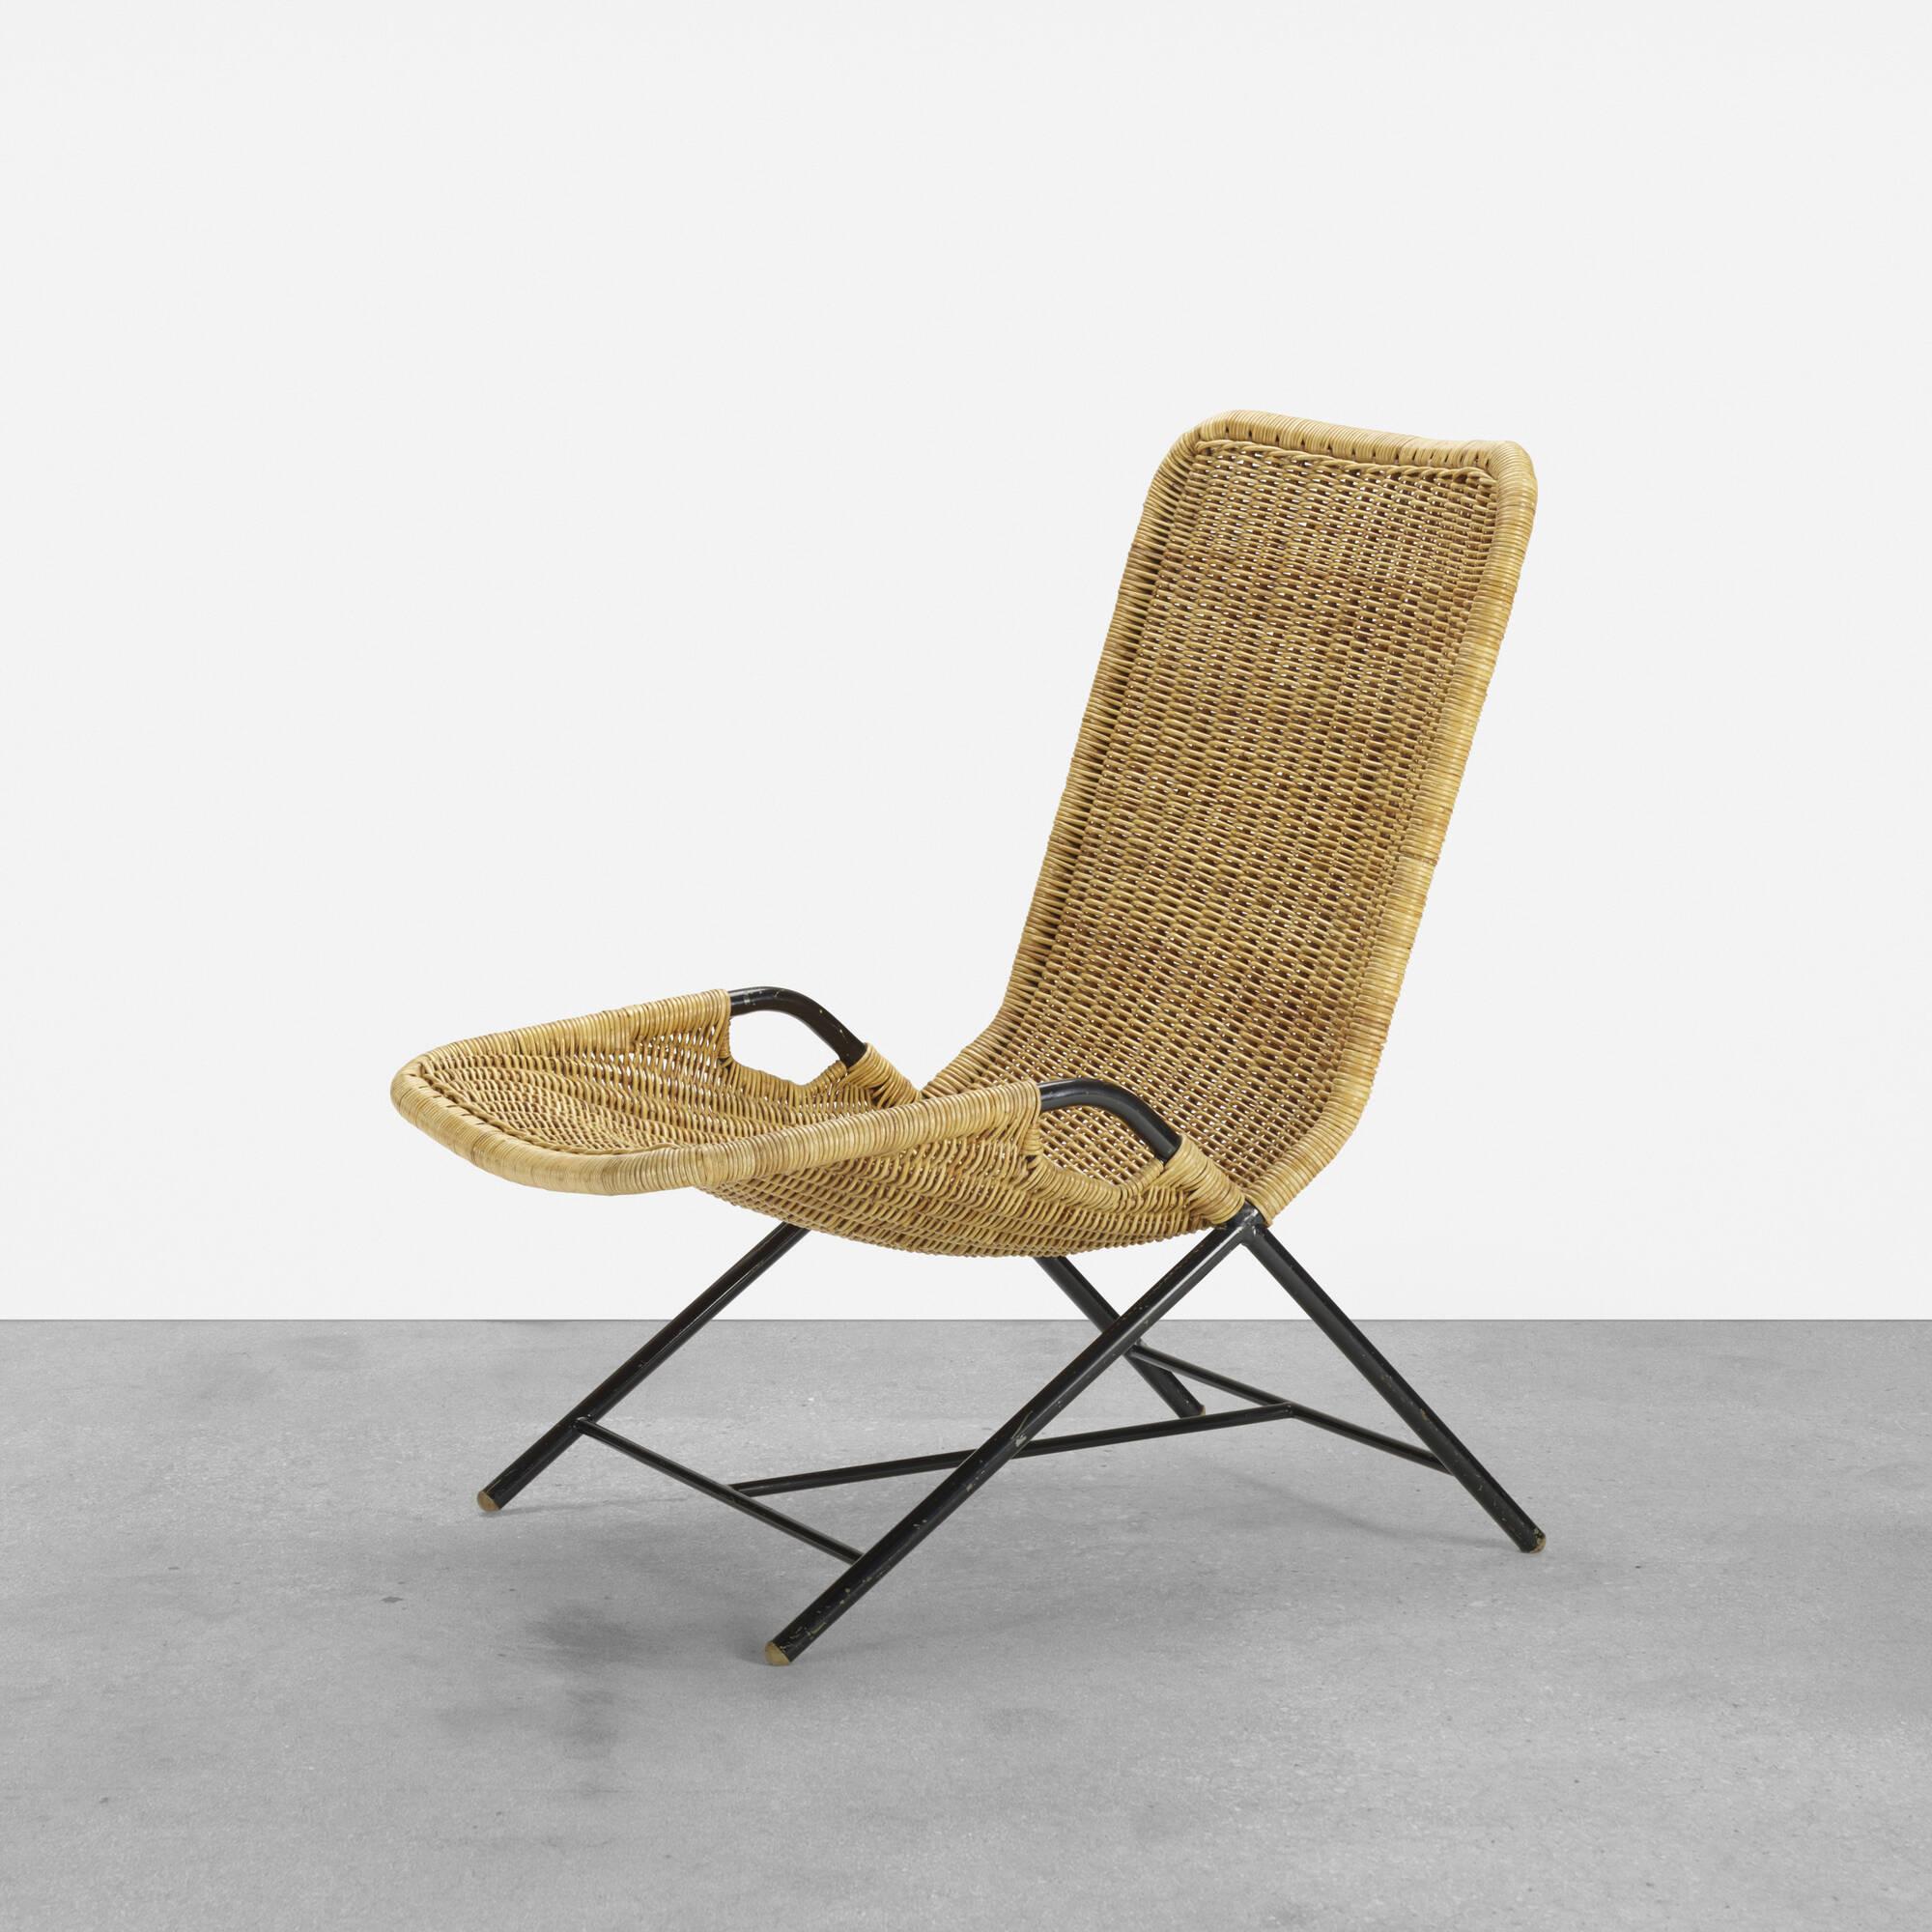 384: Dirk van Sliedregt / lounge chair, model 587 (1 of 3)